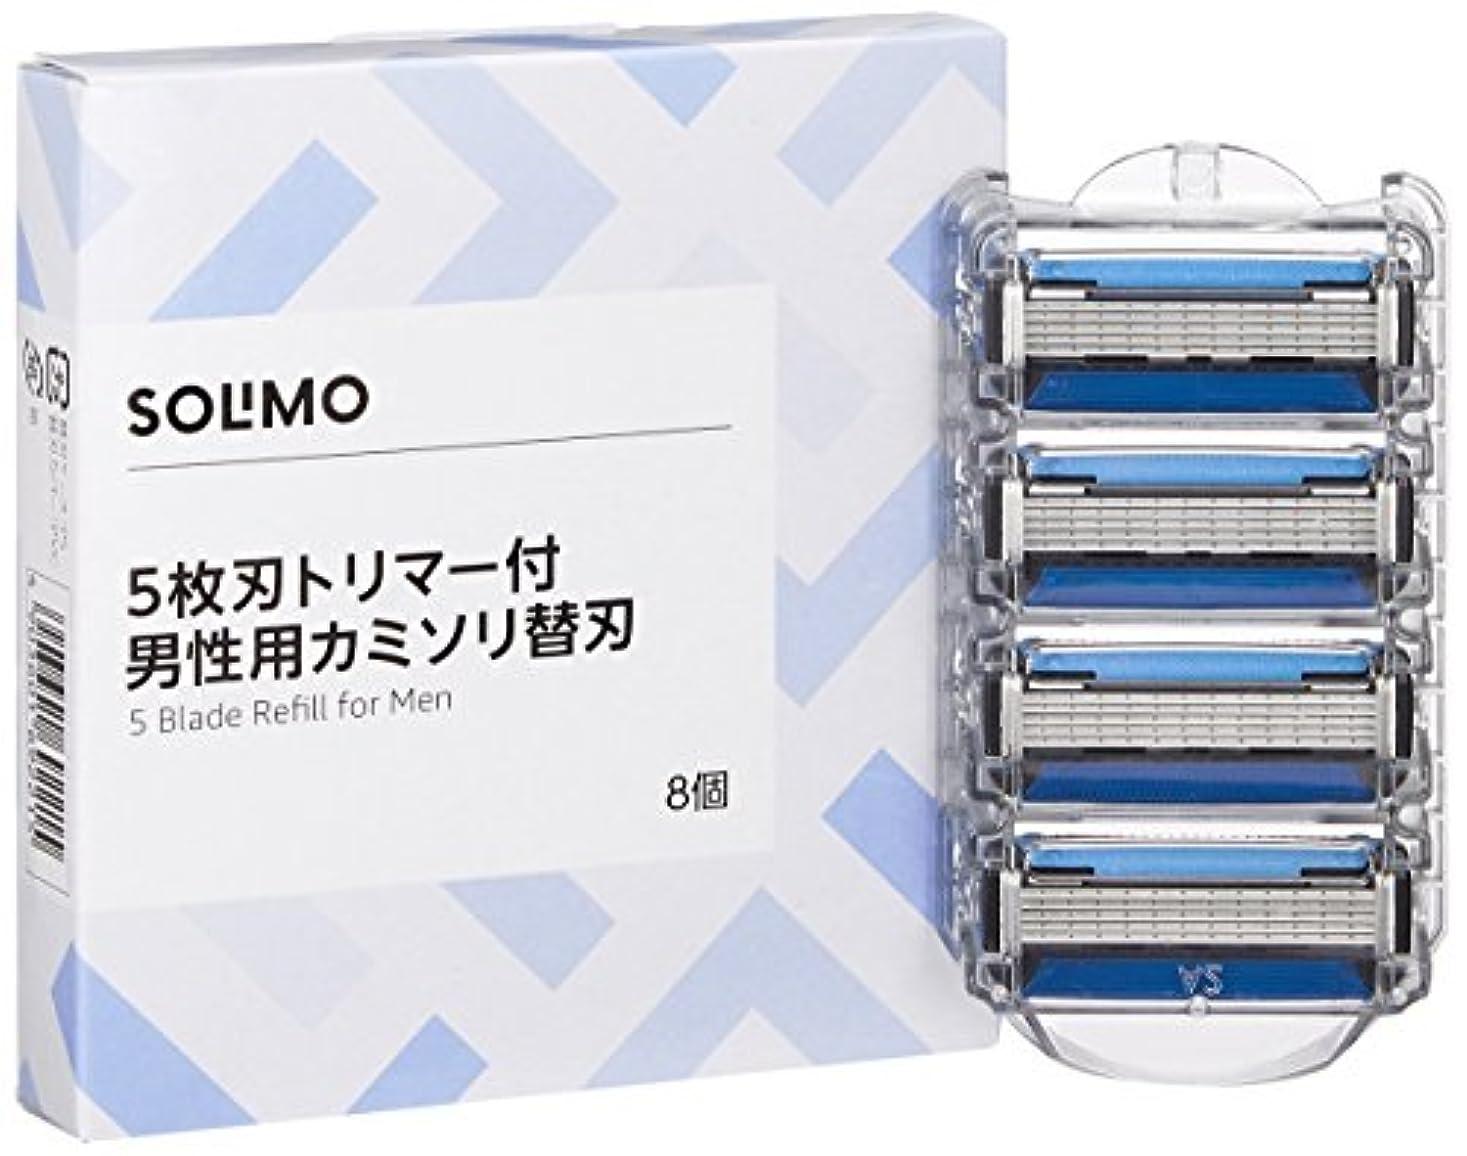 険しいより多いそれに応じて[Amazonブランド]SOLIMO 5枚刃 トリマー付 男性用 カミソリ替刃8個